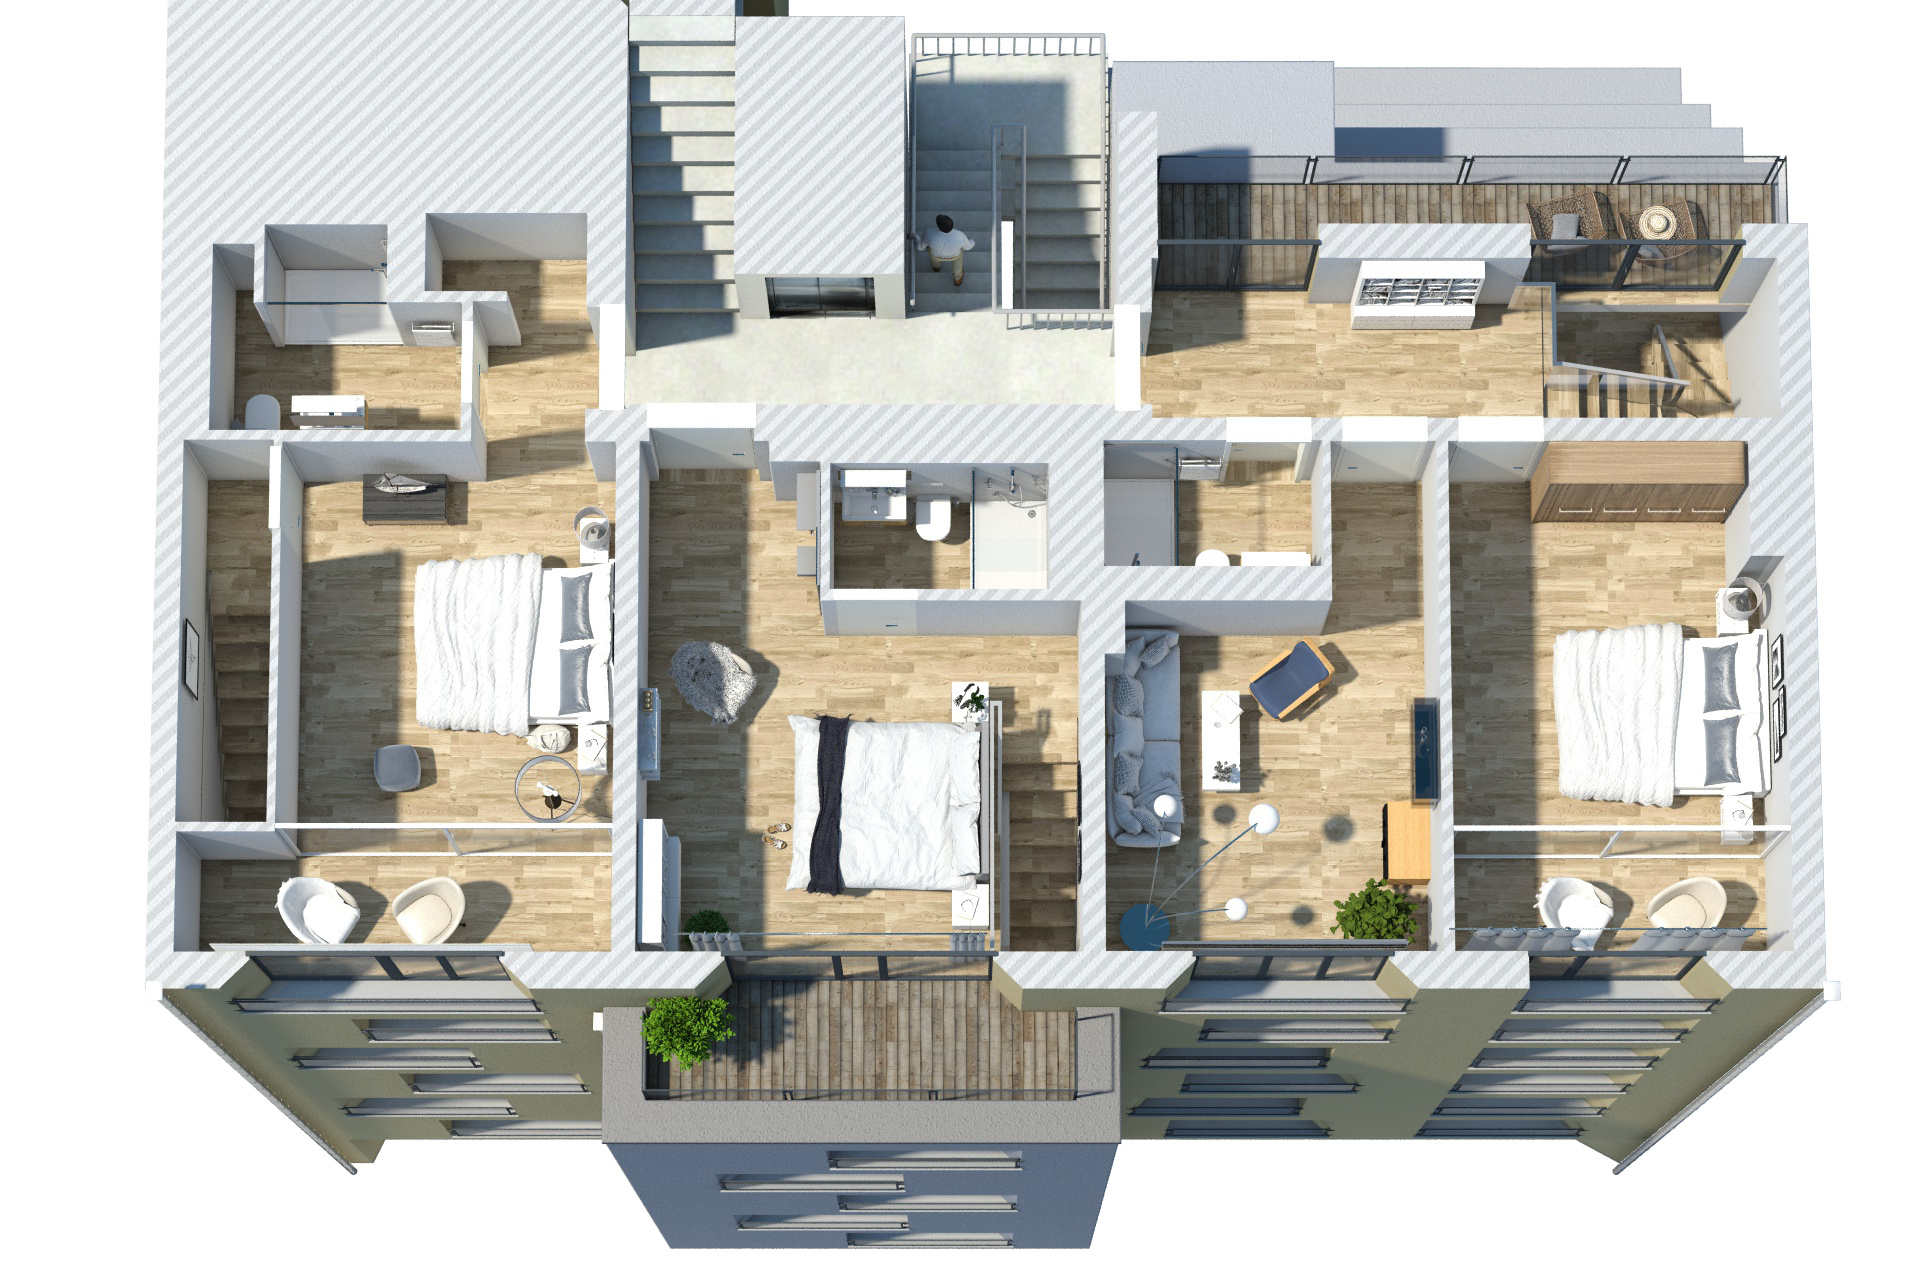 STRALAUER ALLEE 17A Floorplan Rendering